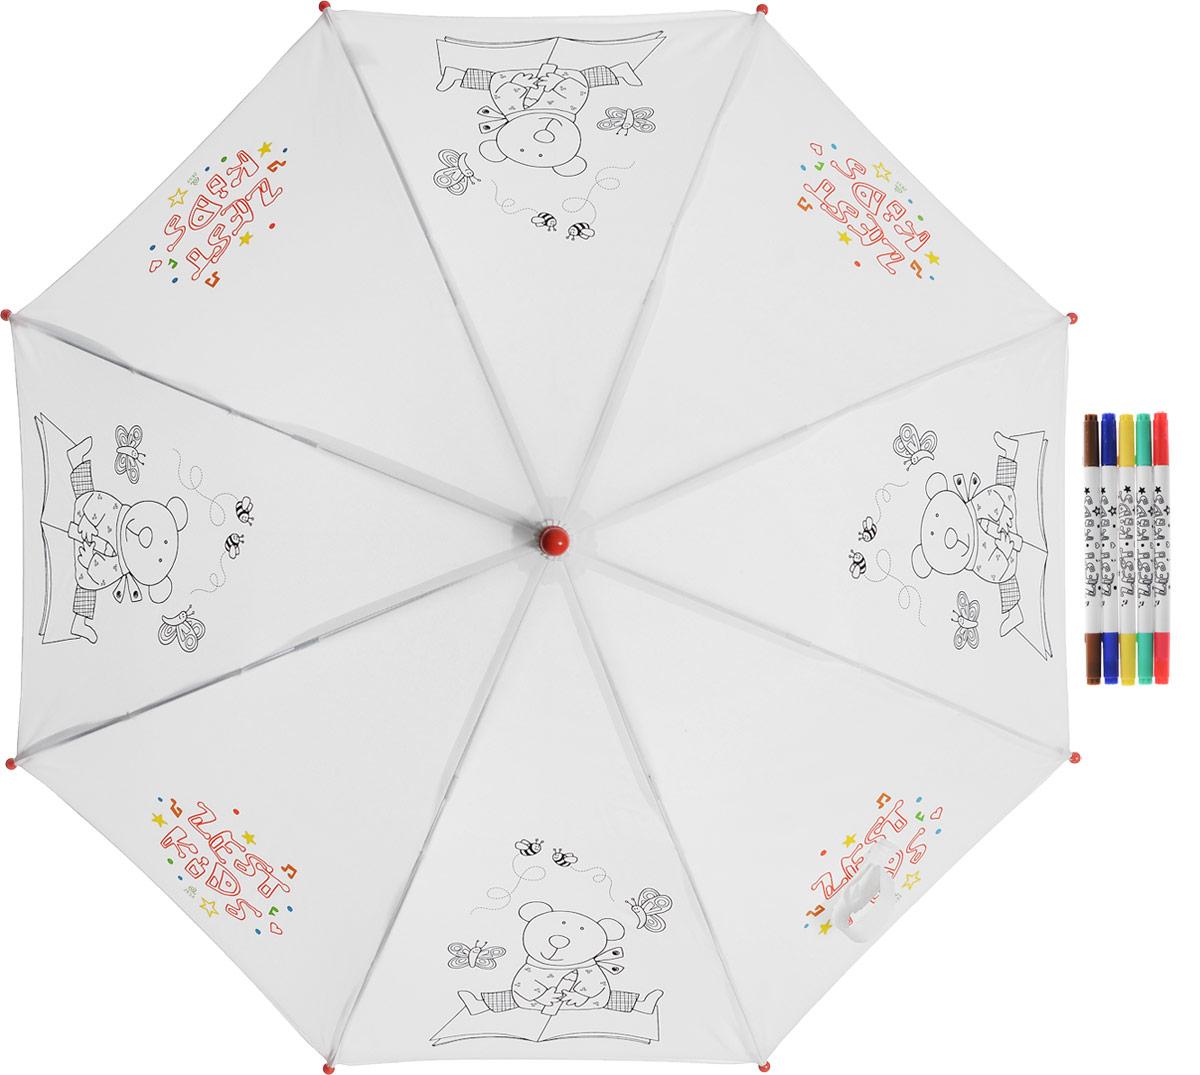 Зонт-трость детский Zest механический, цвет: белый. 21581-255Колье (короткие одноярусные бусы)Детский зонт-трость для раскрашивания Zest выполнен из металла и пластика, оформлен силуэтами картинок. Картинки малыш сможет раскрасить самостоятельно фломастерами, входящими в комплект.Каркас зонта выполнен из восьми спиц, стержень из стали. На концах спиц предусмотрены пластиковые элементы, которые защитят малыша от травм. Купол зонта изготовлен прочного полиэстера. Закрытый купол застегивается на липучку хлястиком. Практичная глянцевая рукоятка закругленной формы разработана с учетом требований эргономики и выполнена из пластика.Зонт-раскраска будет приятным подарком, который не только защитит малыша от непогоды, но и даст возможность стать настоящим маленьким художником.